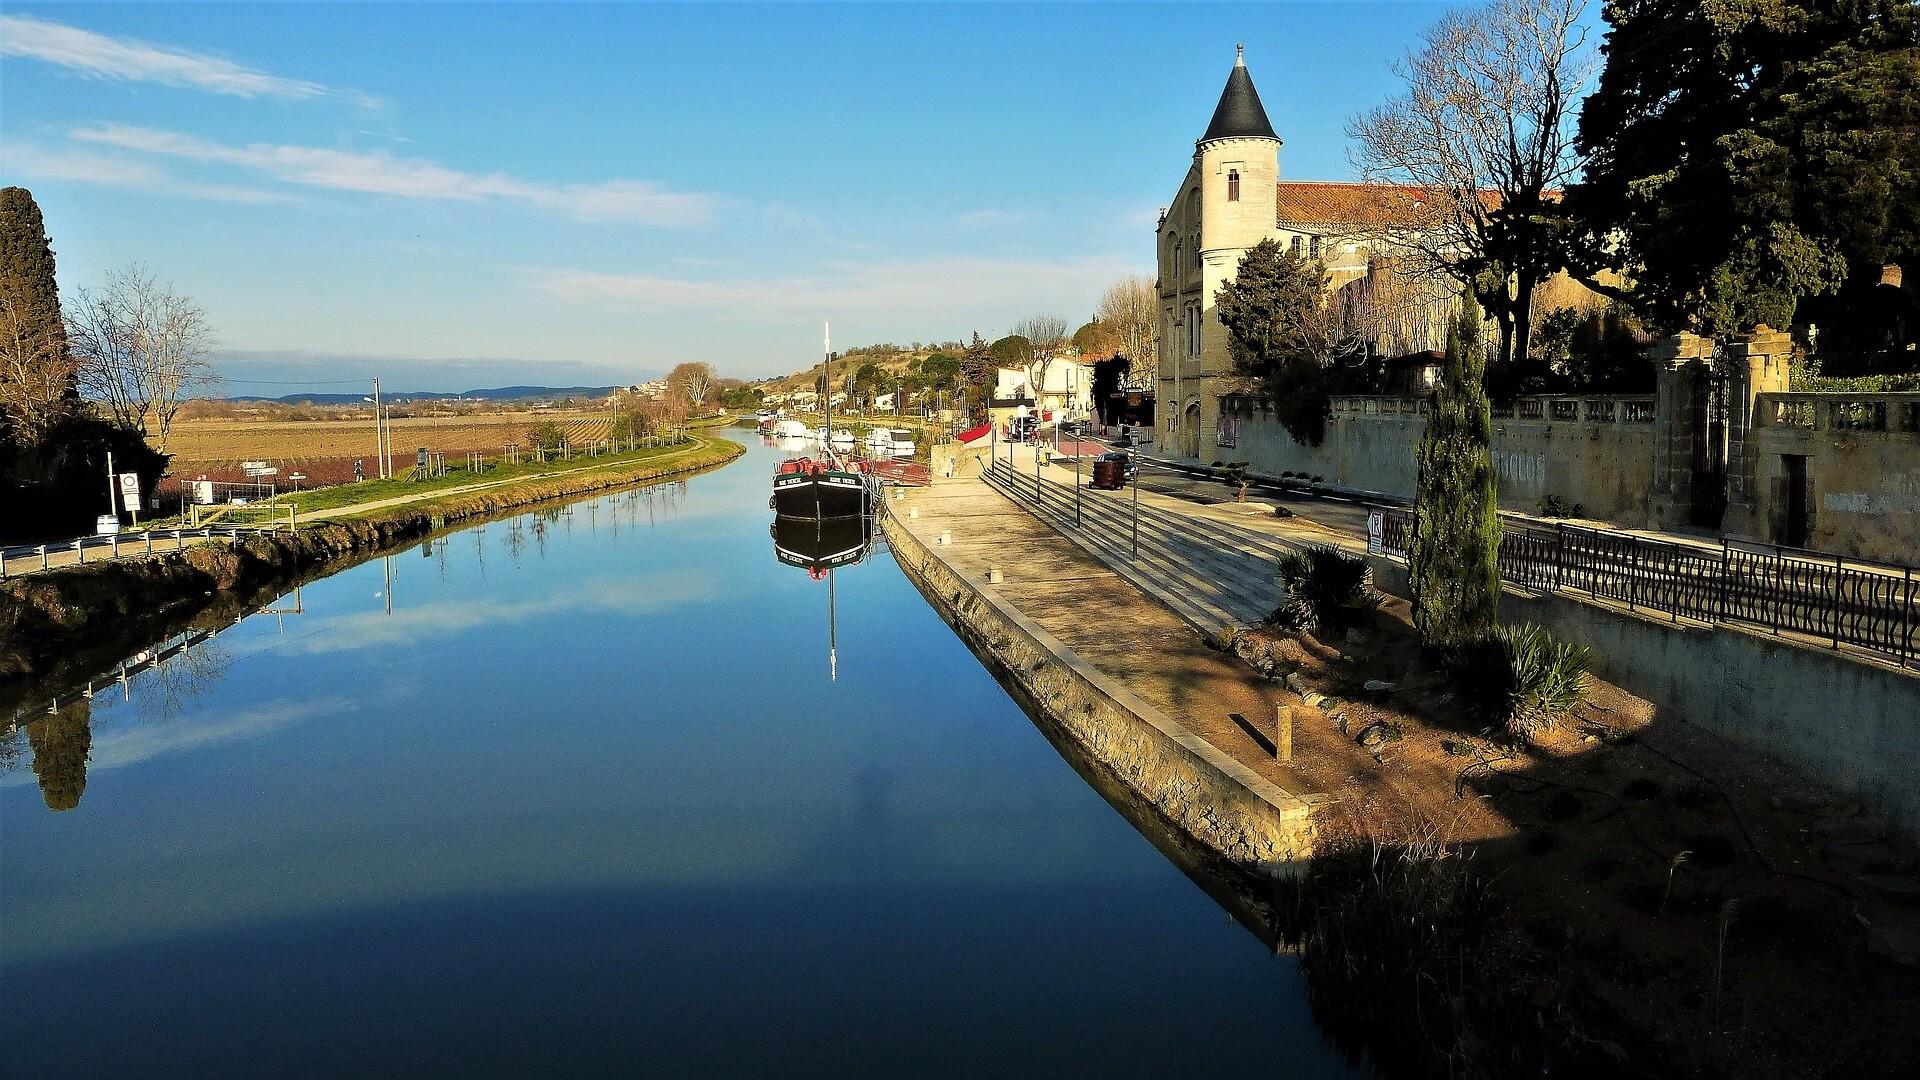 Voyage Aude Sud Vtc